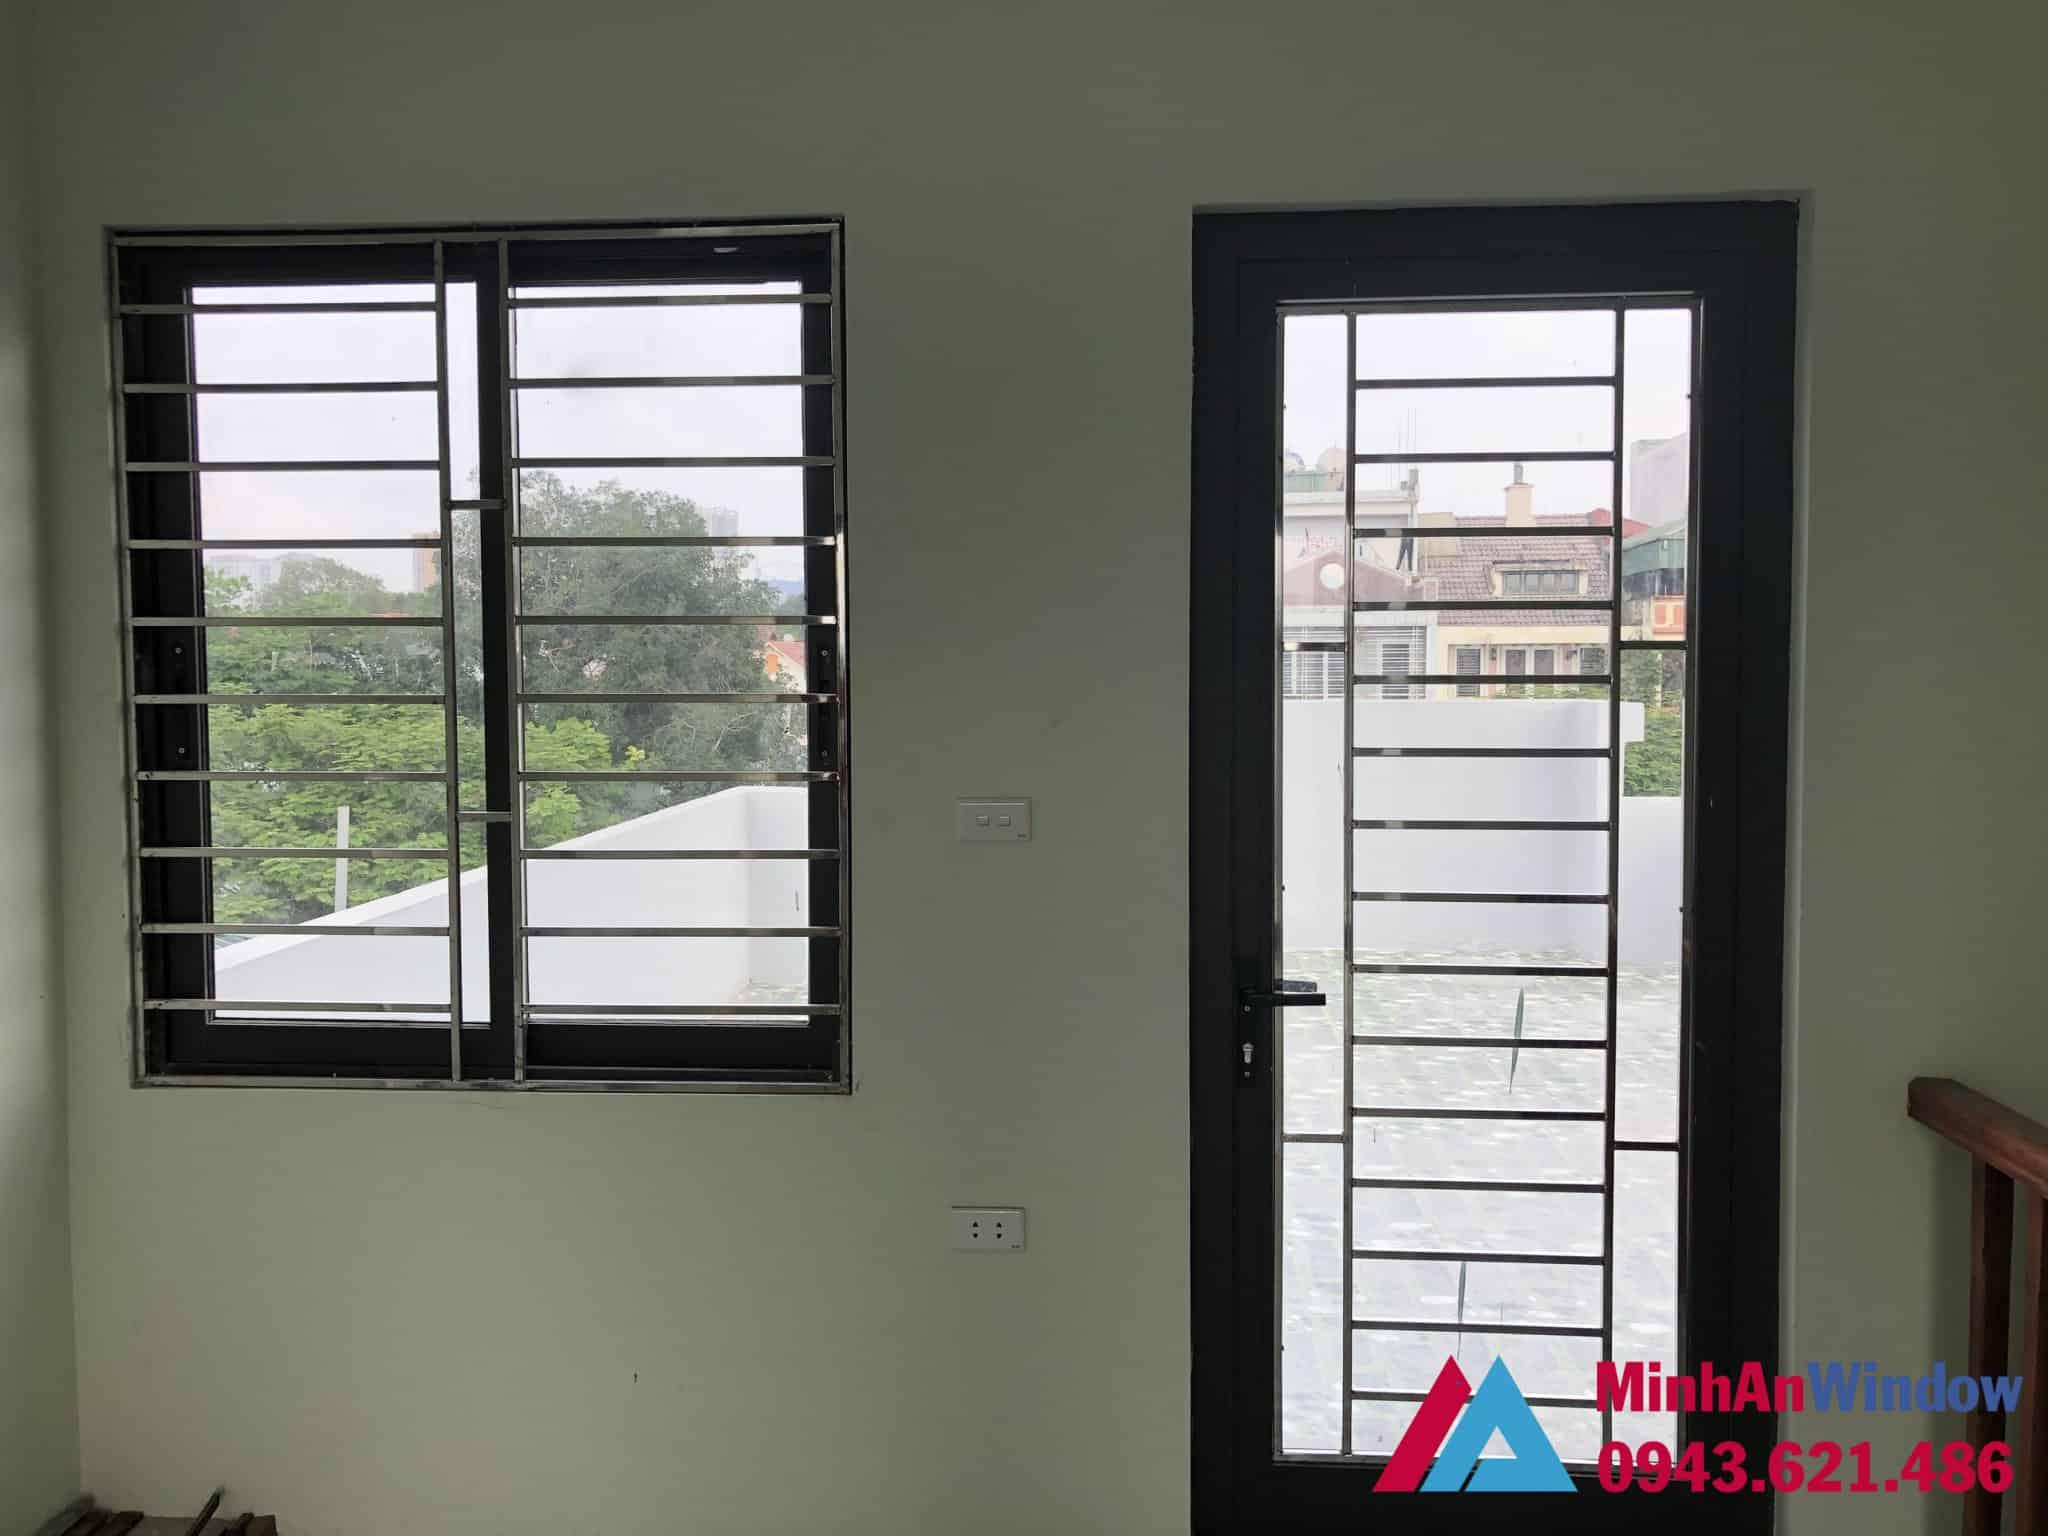 Mẫu cửa sổ và cửa đi nhôm kính Minh An Window lắp đặt tại Lai Châu